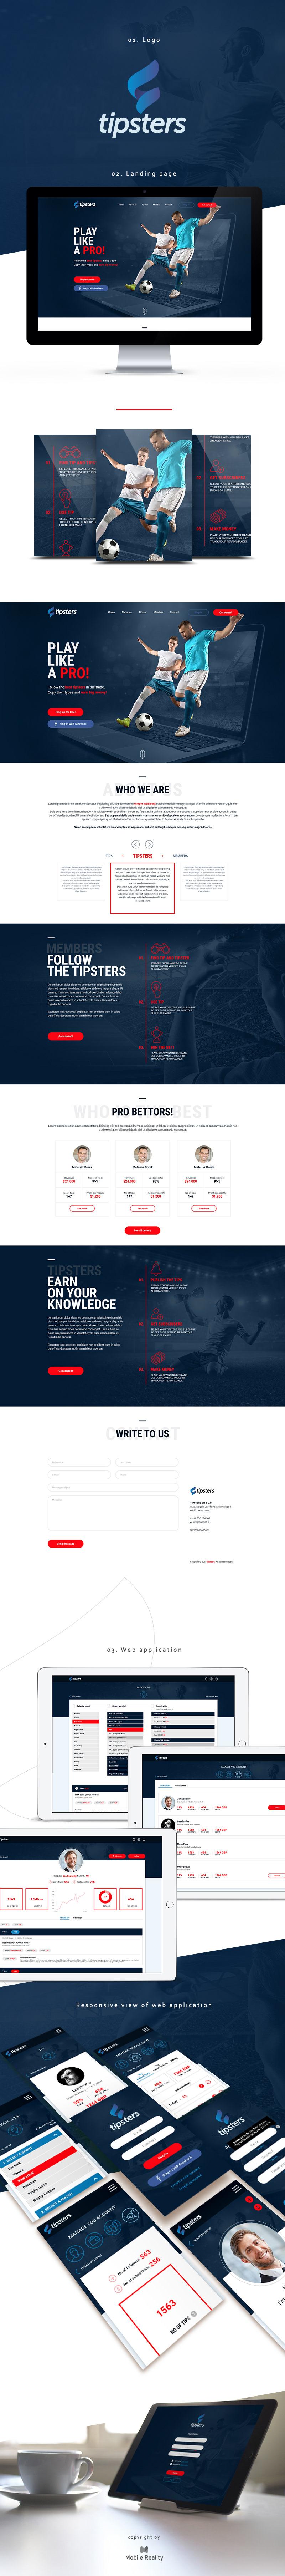 ux UI design graphic design  Website mobile